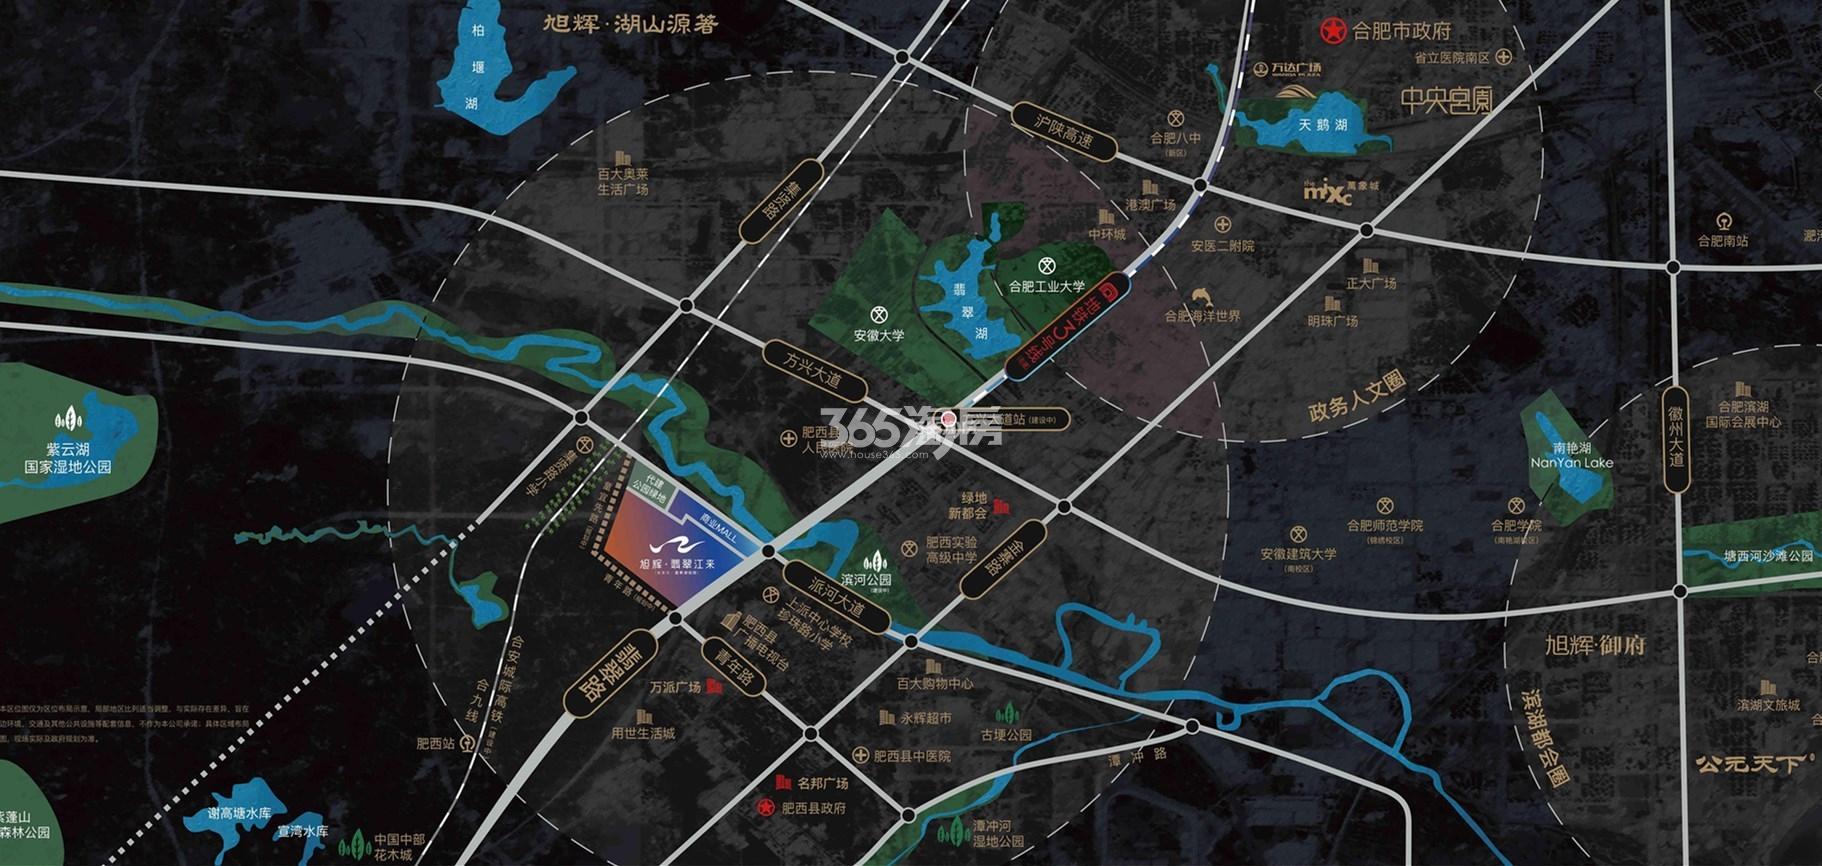 旭辉翡翠江来交通图